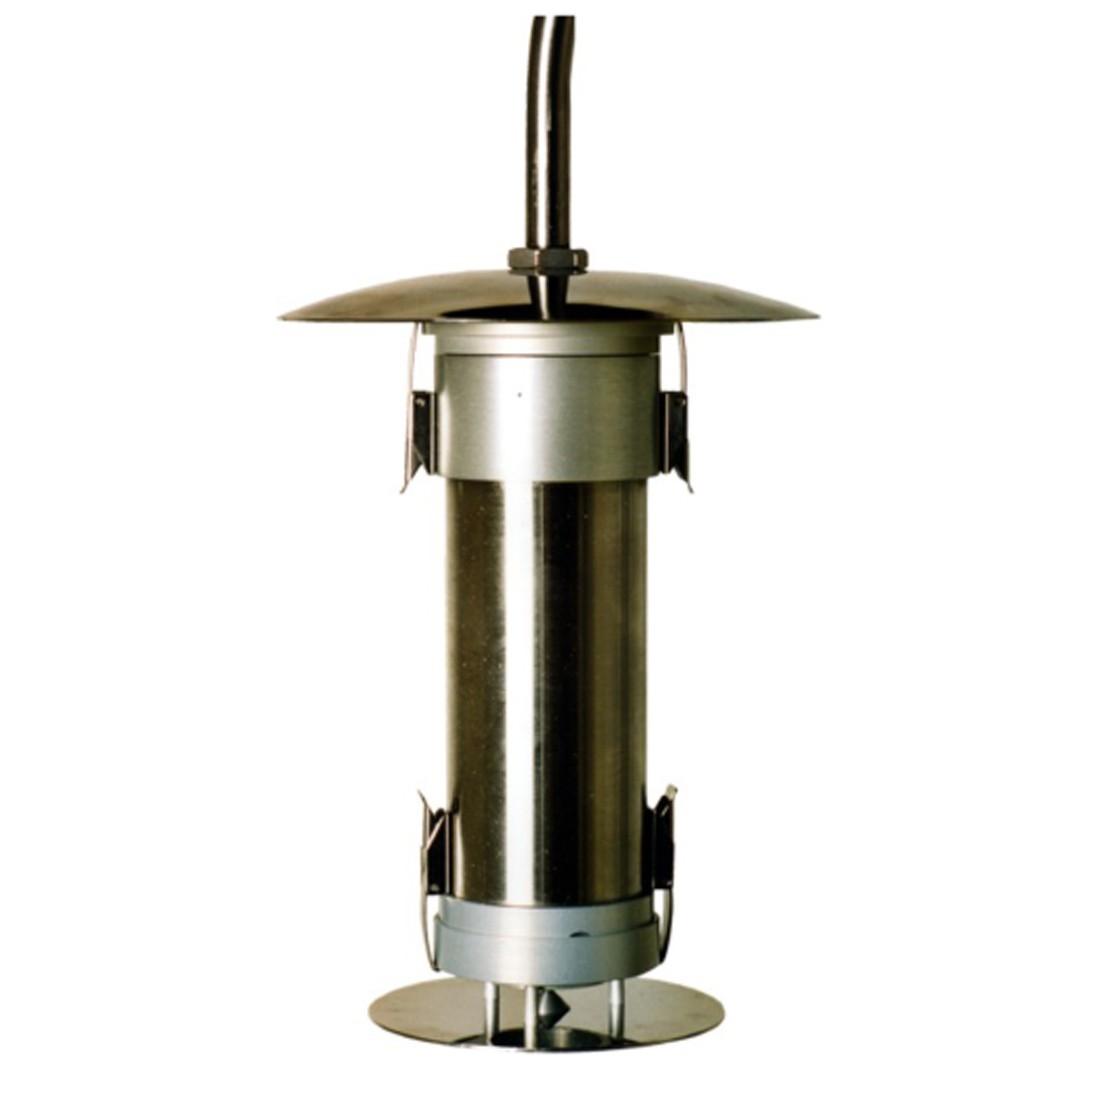 COMDE-DERENDA Inlet für Polyurethanschaumfüllung für die Erfassung von Dioxine, Furane, PCB